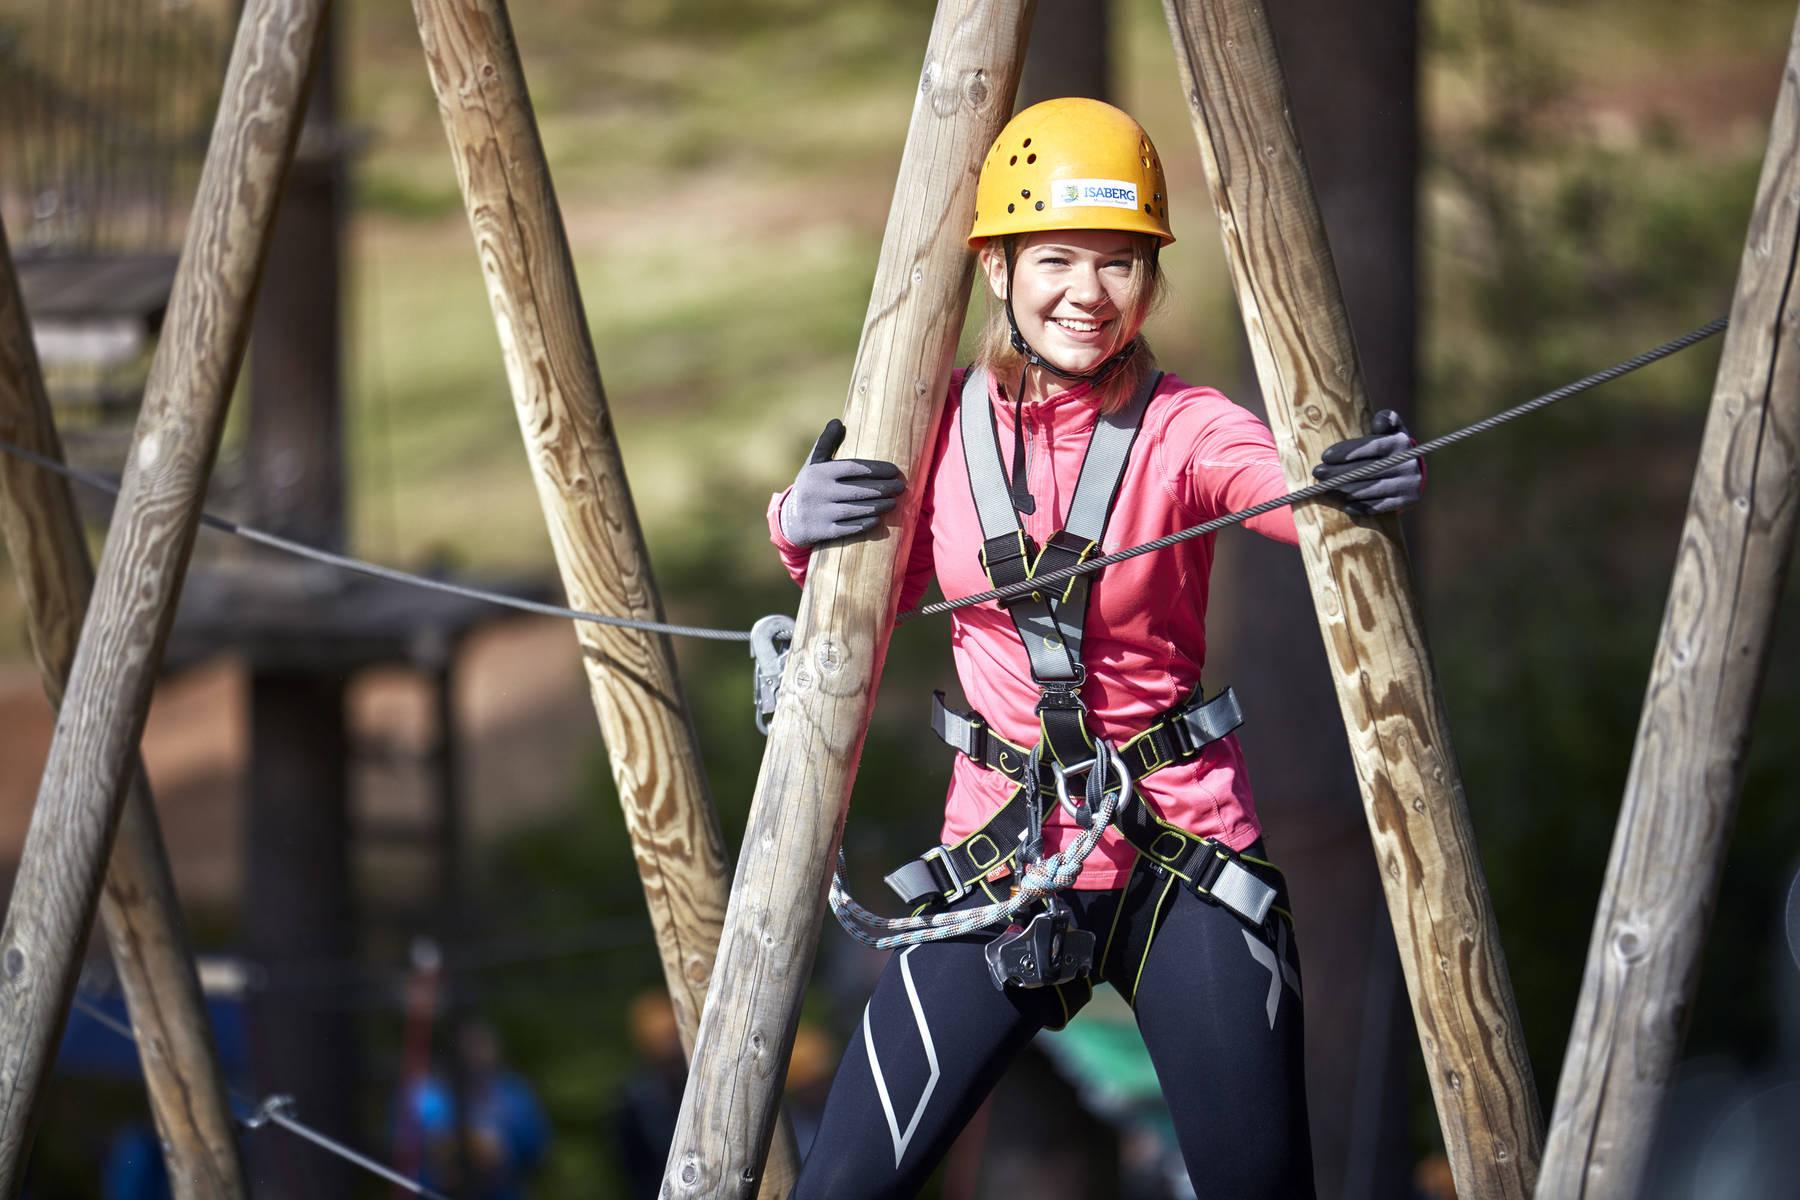 Säkerhet och höjdrespekt ger upplevelser på Isaberg Mountain Resort